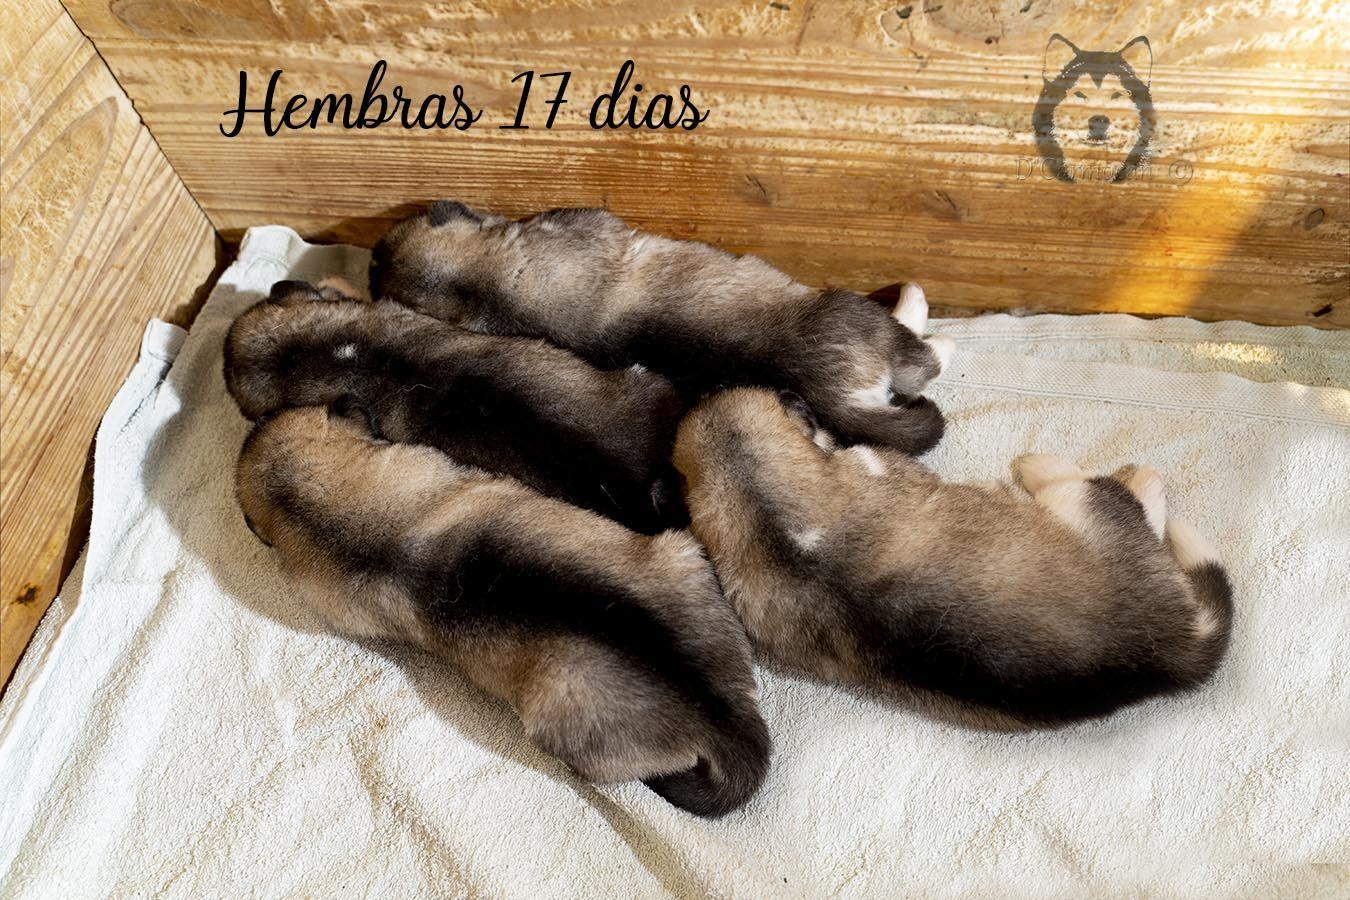 cachorros dcarmocan 17 dias